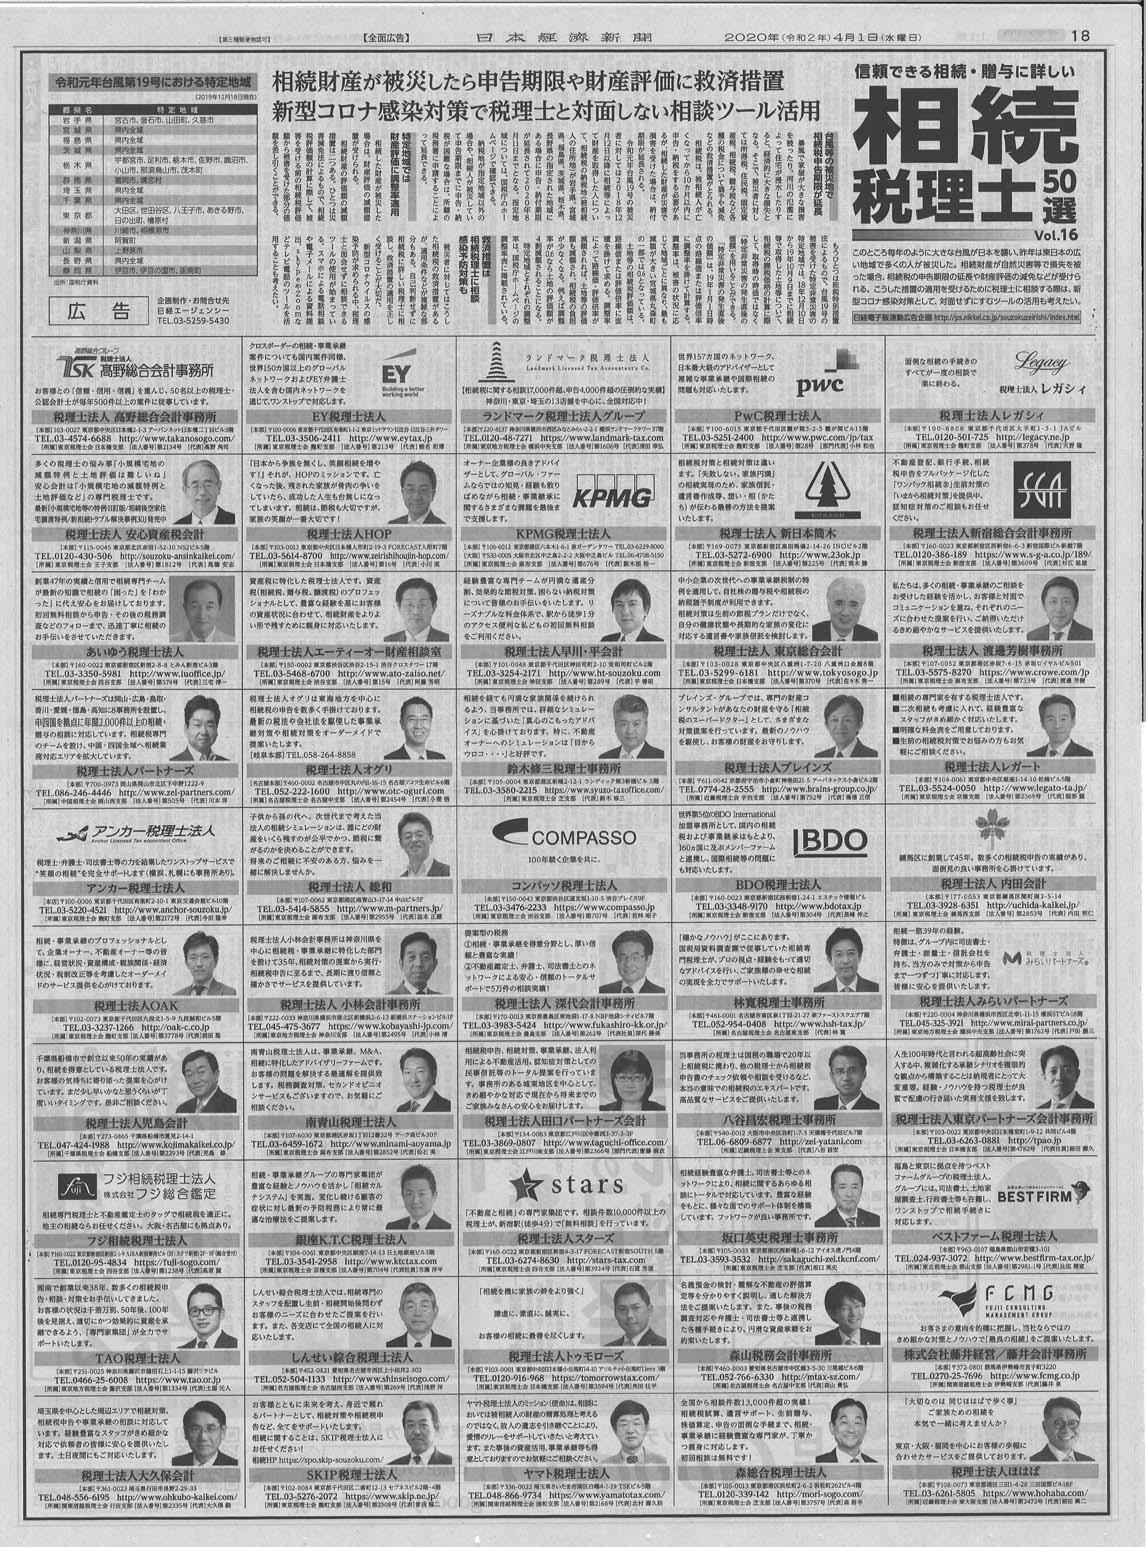 相続税理士50選 日経新聞